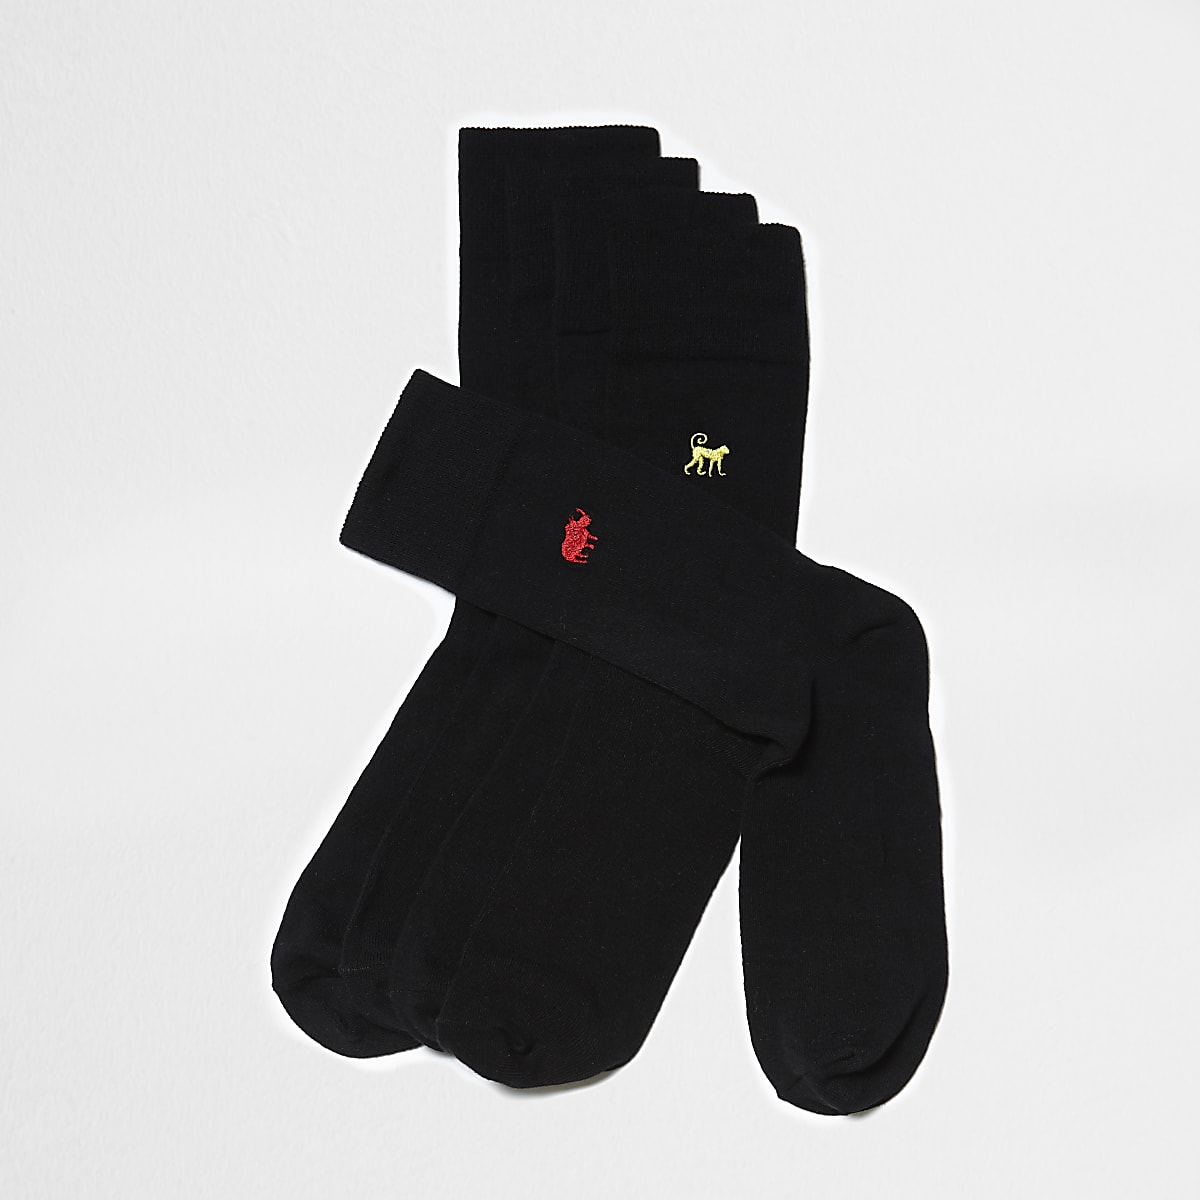 Schwarze Socken mit Stickerei, 5er-Pack